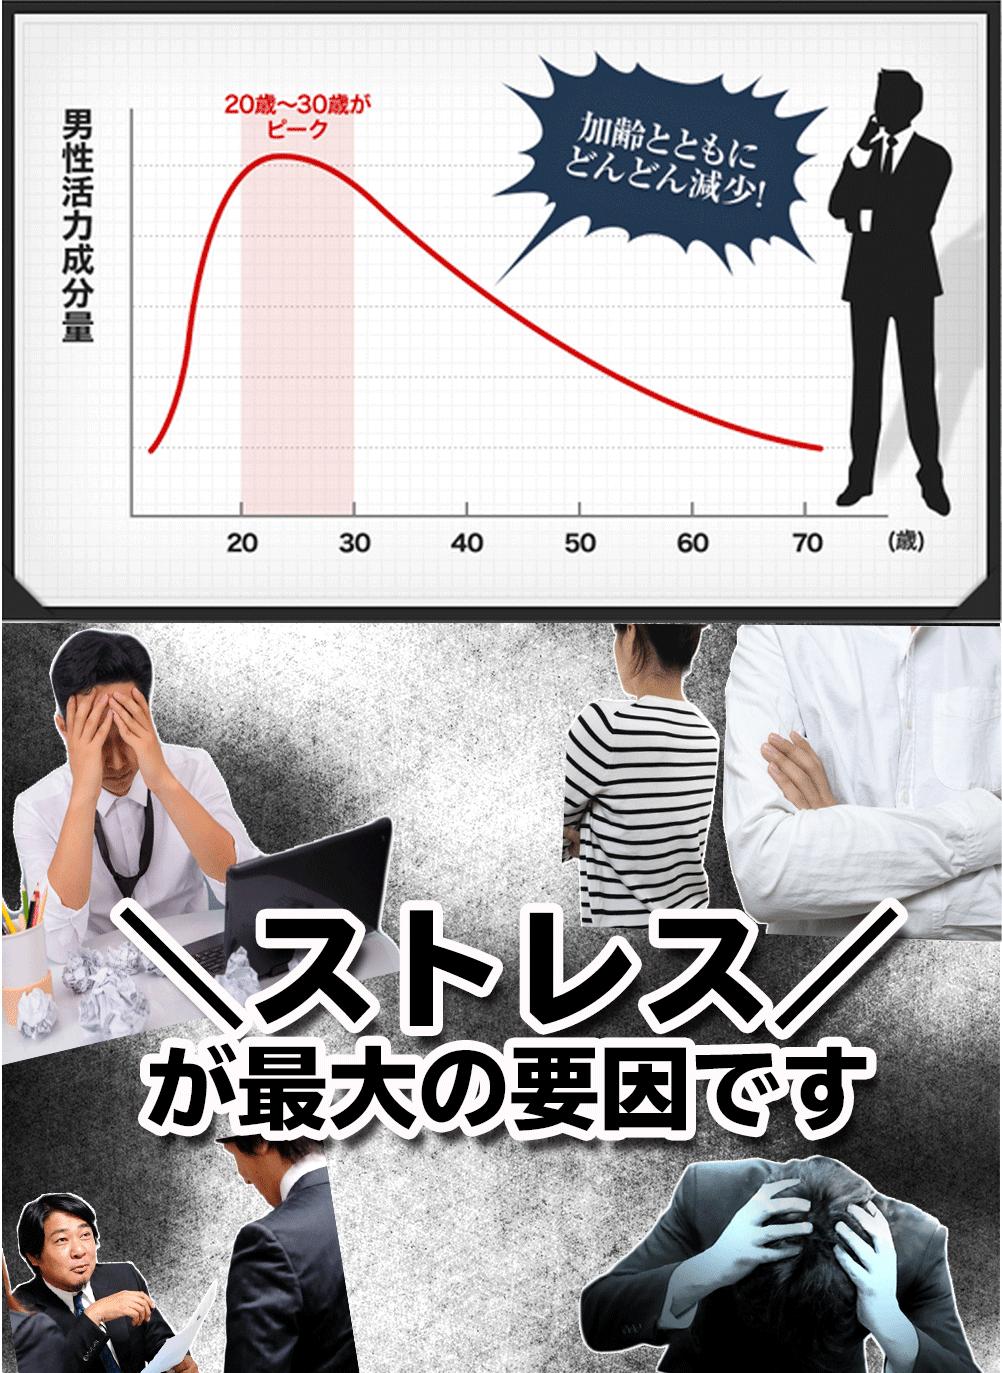 男性活力成分が40代から一気に減少していきます